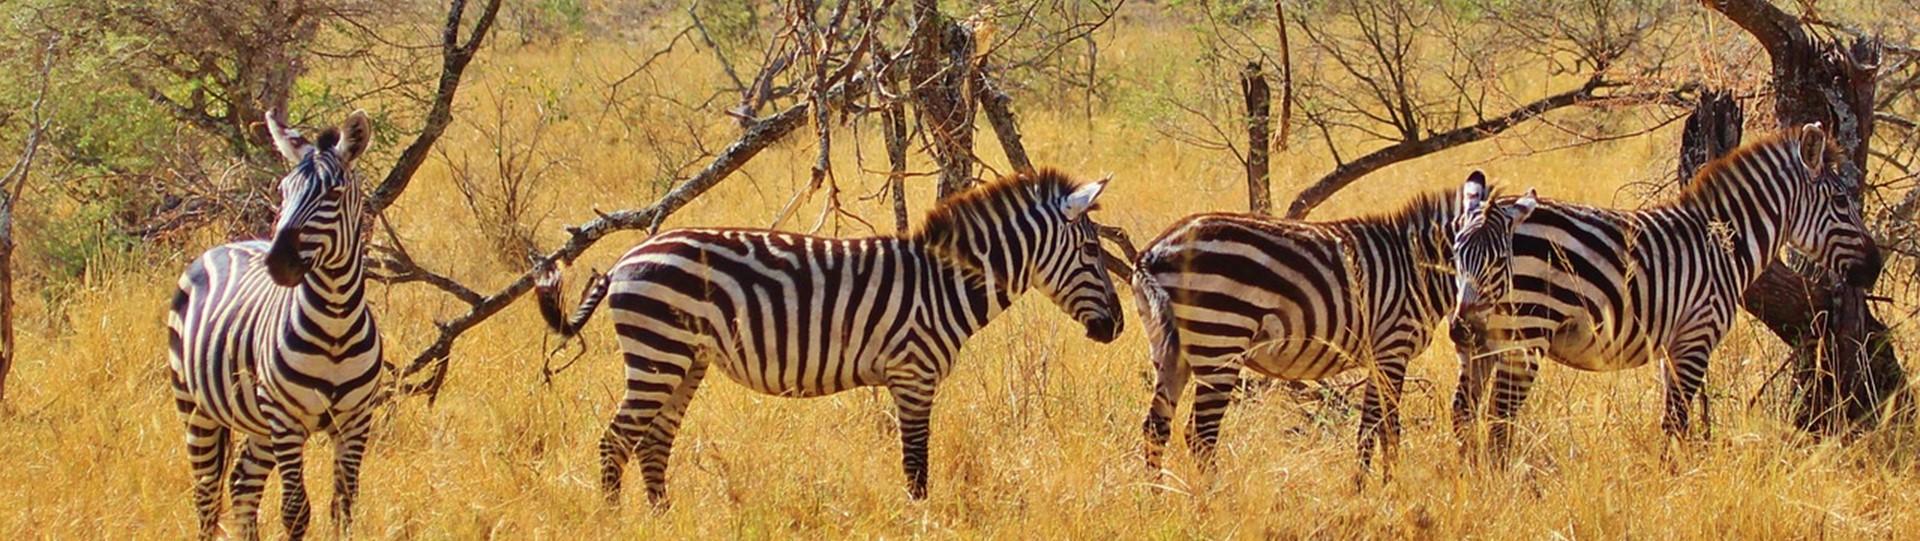 Op safari in Tanzania, een overgetelijke beleving